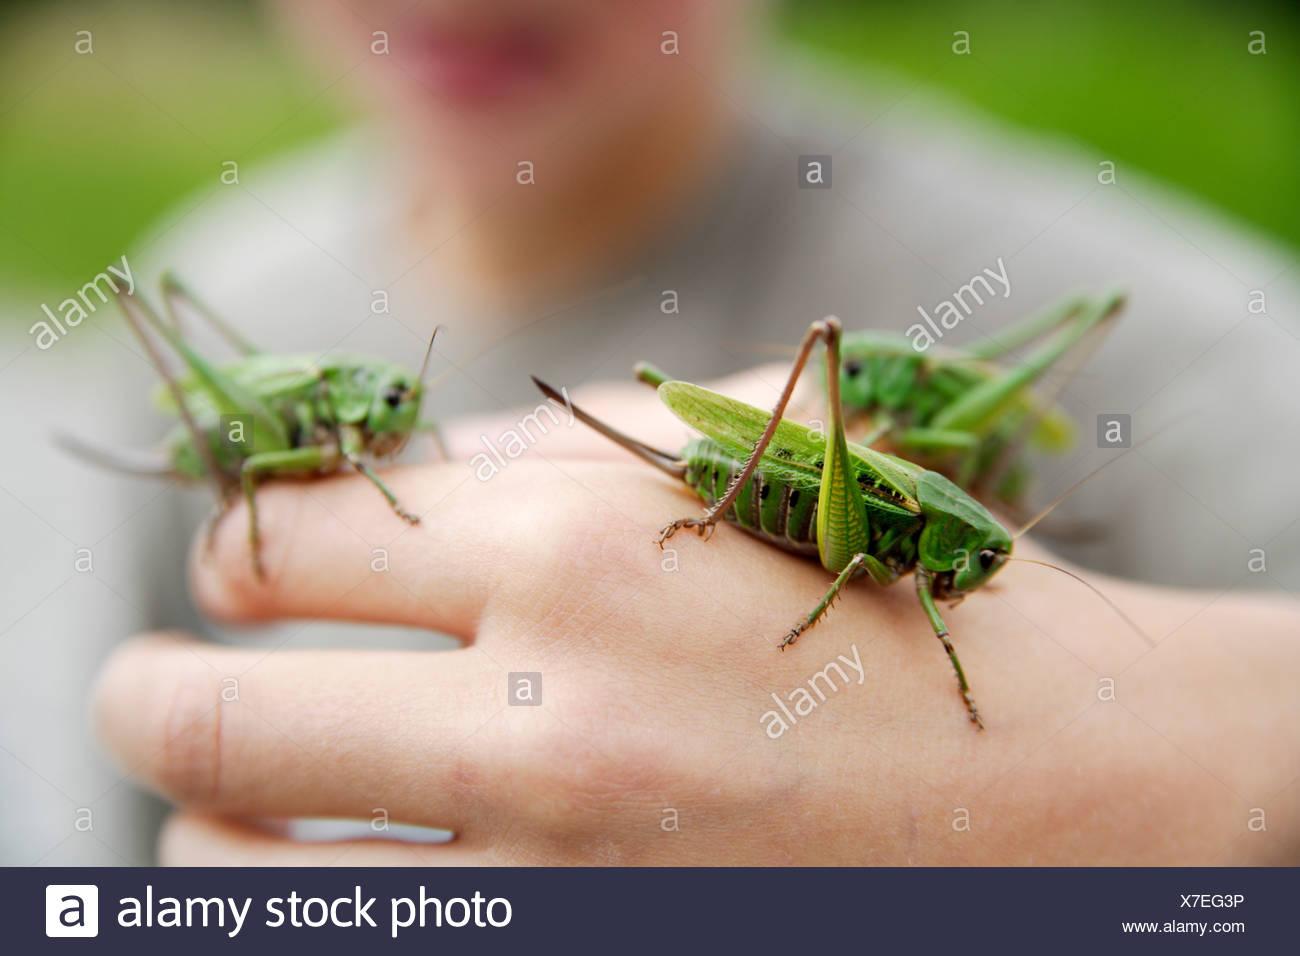 Niño sosteniendo de cuernos largos de grasshopper, cerca de la mano Imagen De Stock